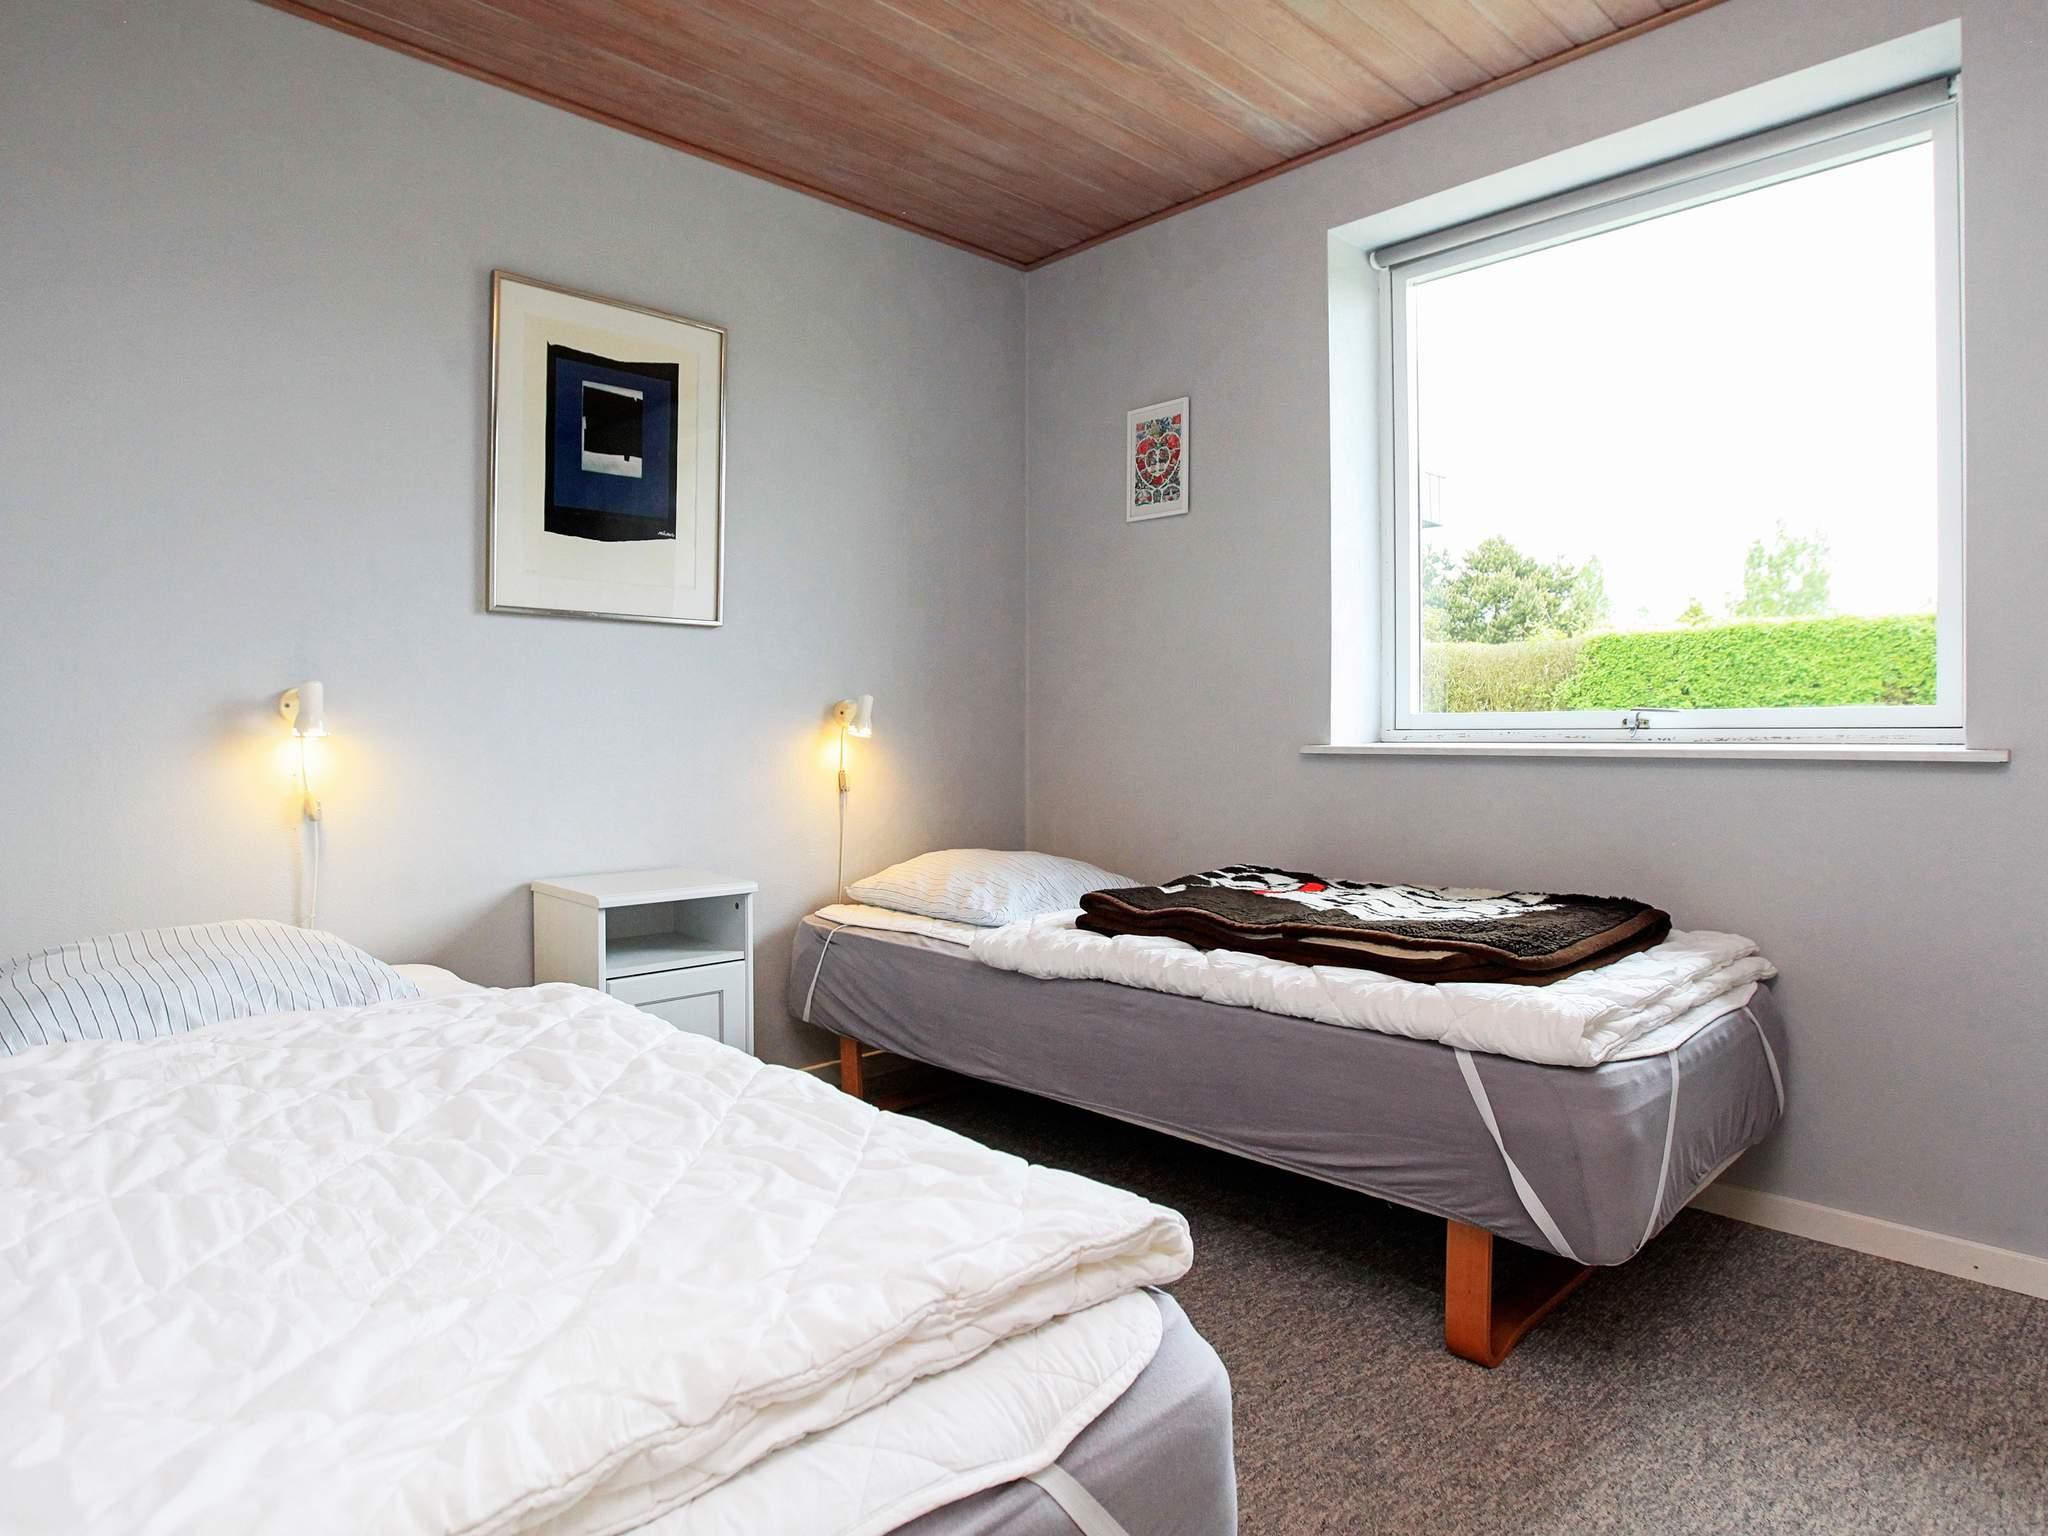 Ferienhaus Hummingen (125876), Hummingen, , Lolland, Dänemark, Bild 10